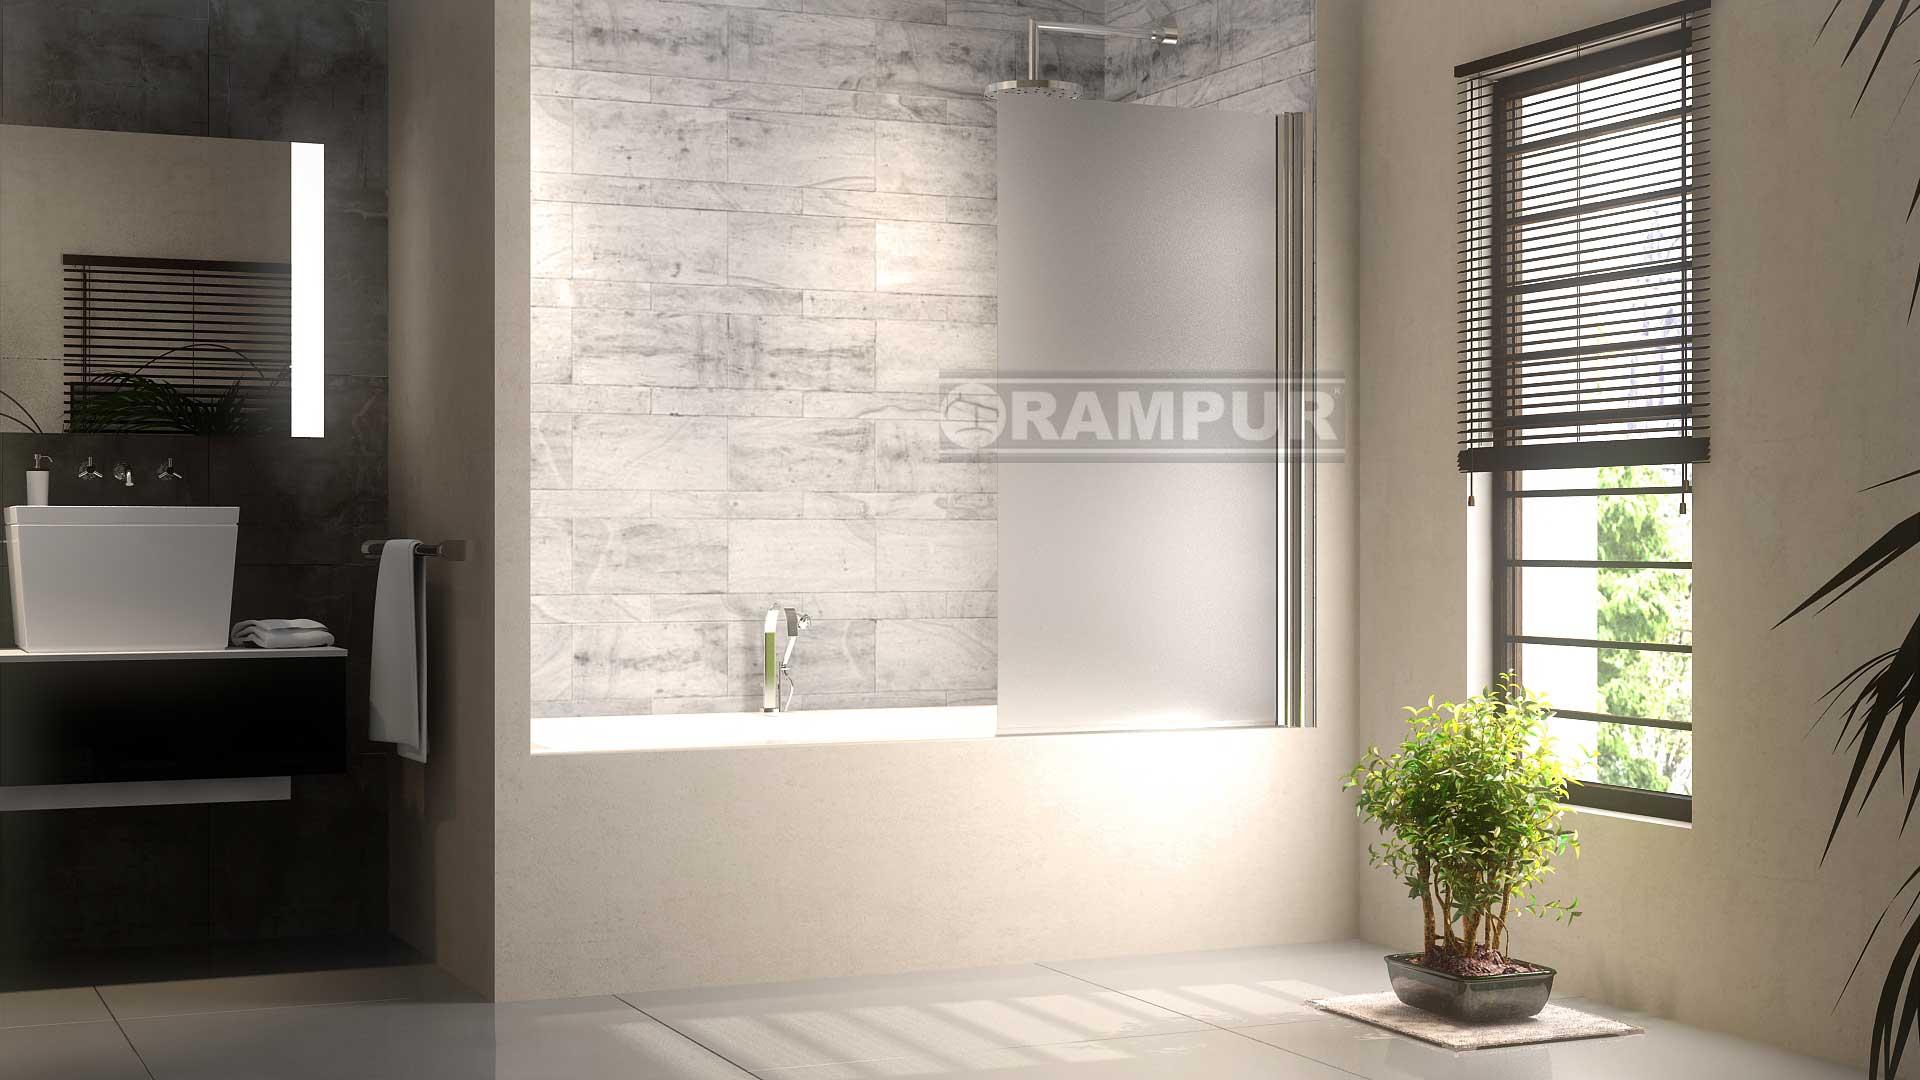 Mamparas Para Baño Rampur:RAMPUR® Mampara Baño Rebatible Vidrio IGUAZU Premium